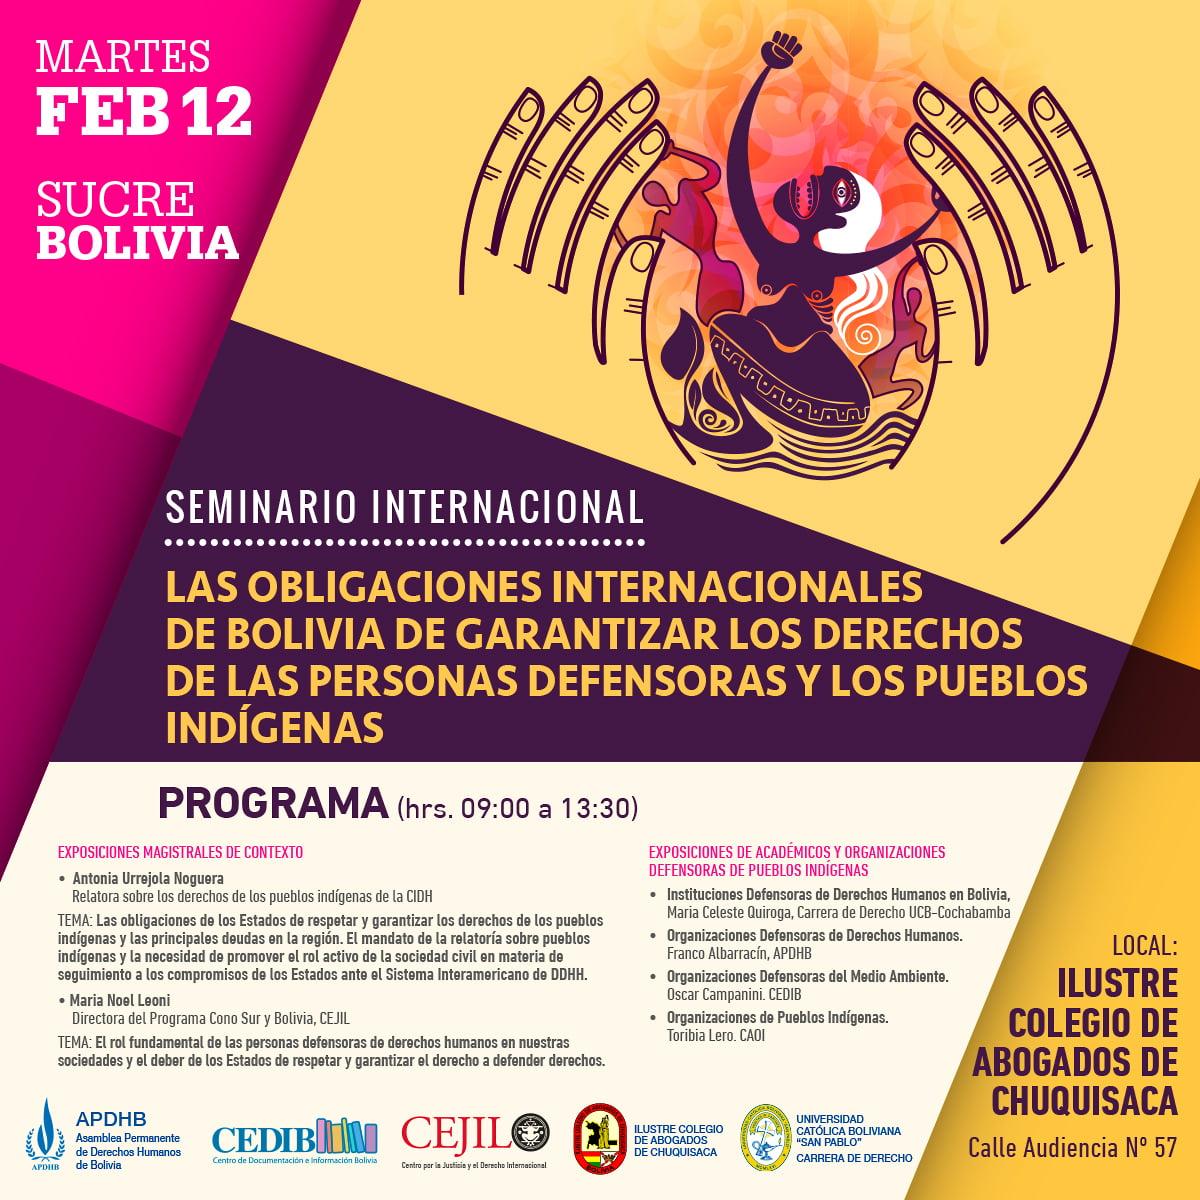 """Seminario Internacional sobre la """"Las obligaciones internacionales de Bolivia de garantizar los Derechos de las personas defensoras y los pueblos indígenas"""""""